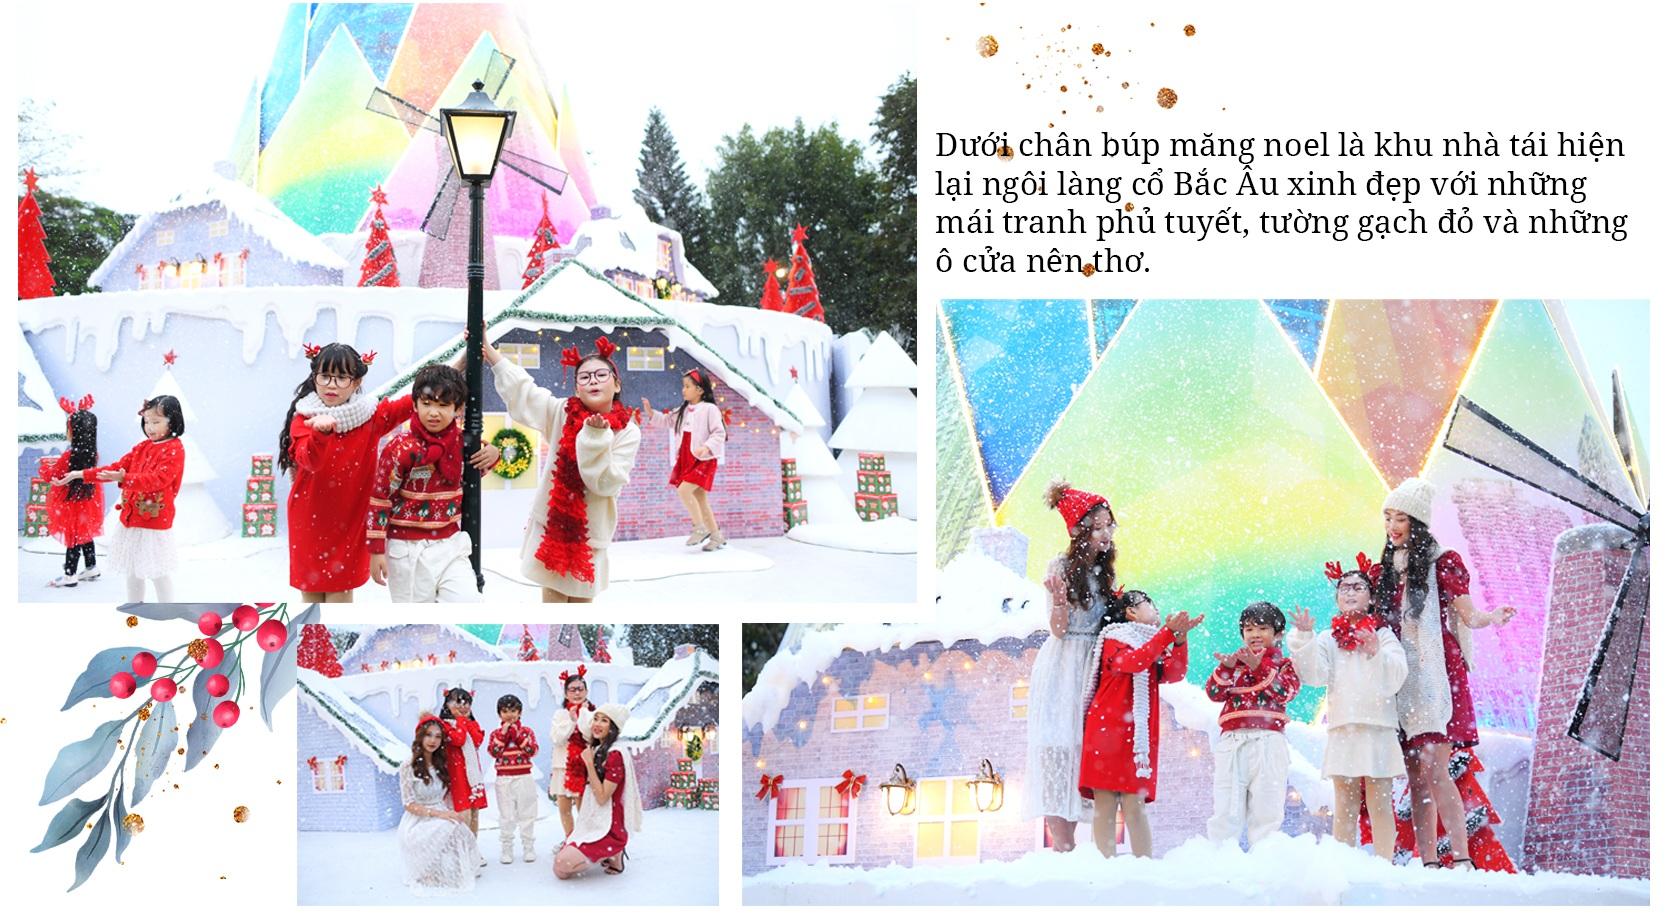 Giáng sinh tuyết trắng cùng búp măng Noel cao nhất Việt Nam tại Ecopark - 4